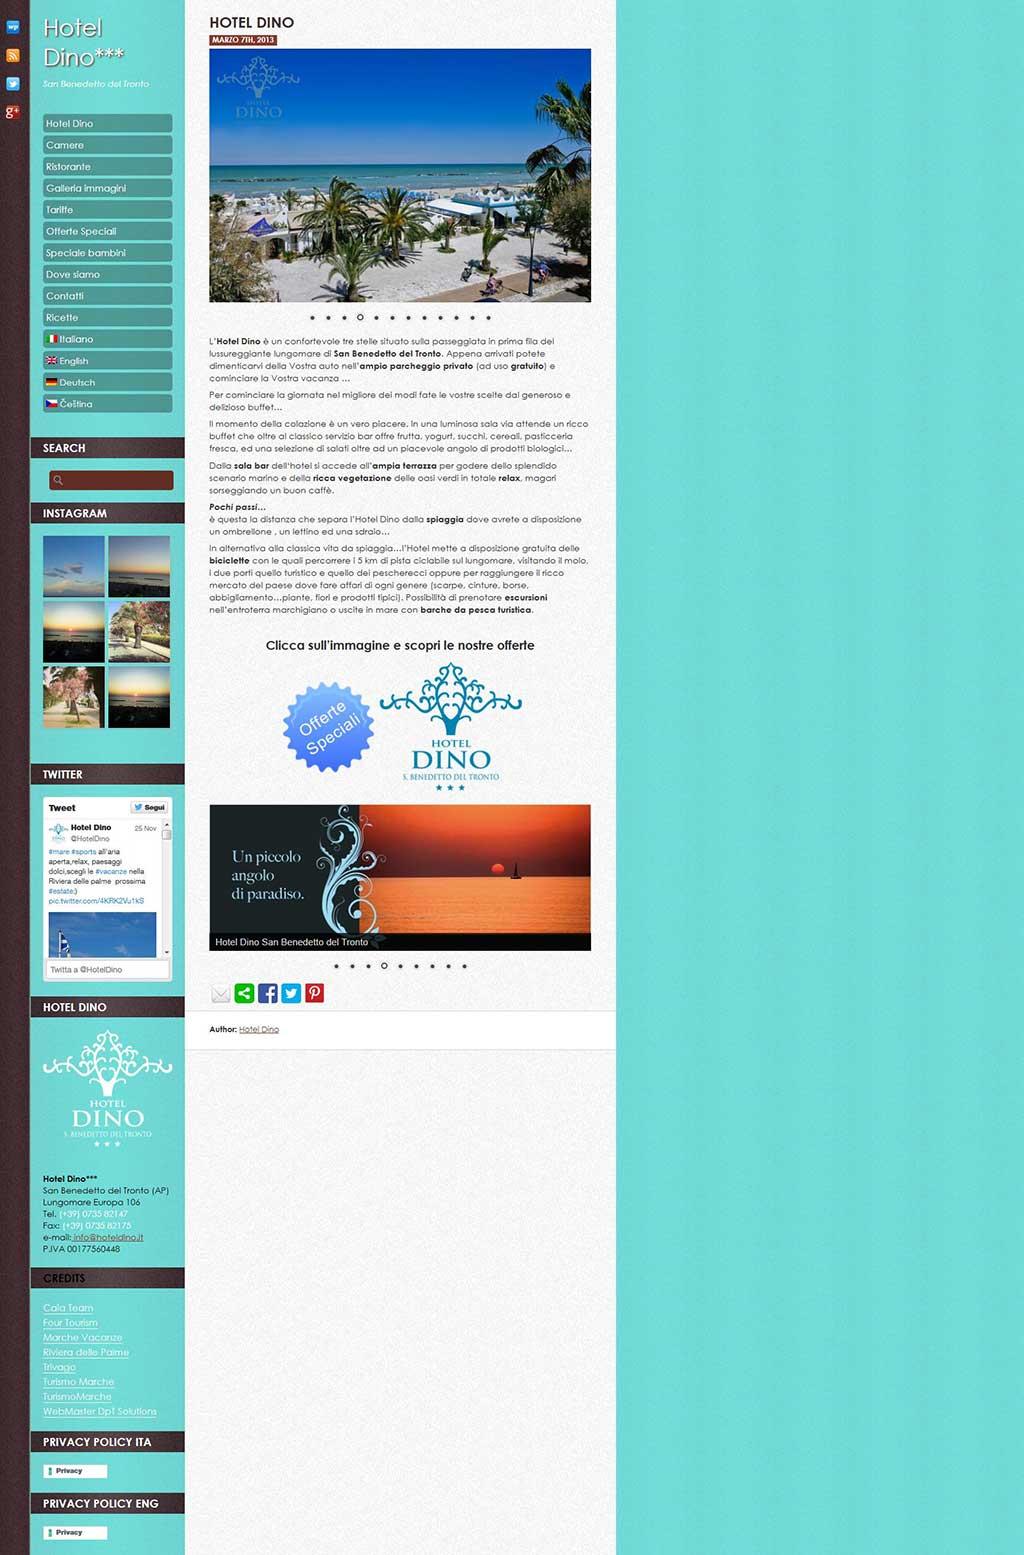 Hotel Dino Sito web Multilingua